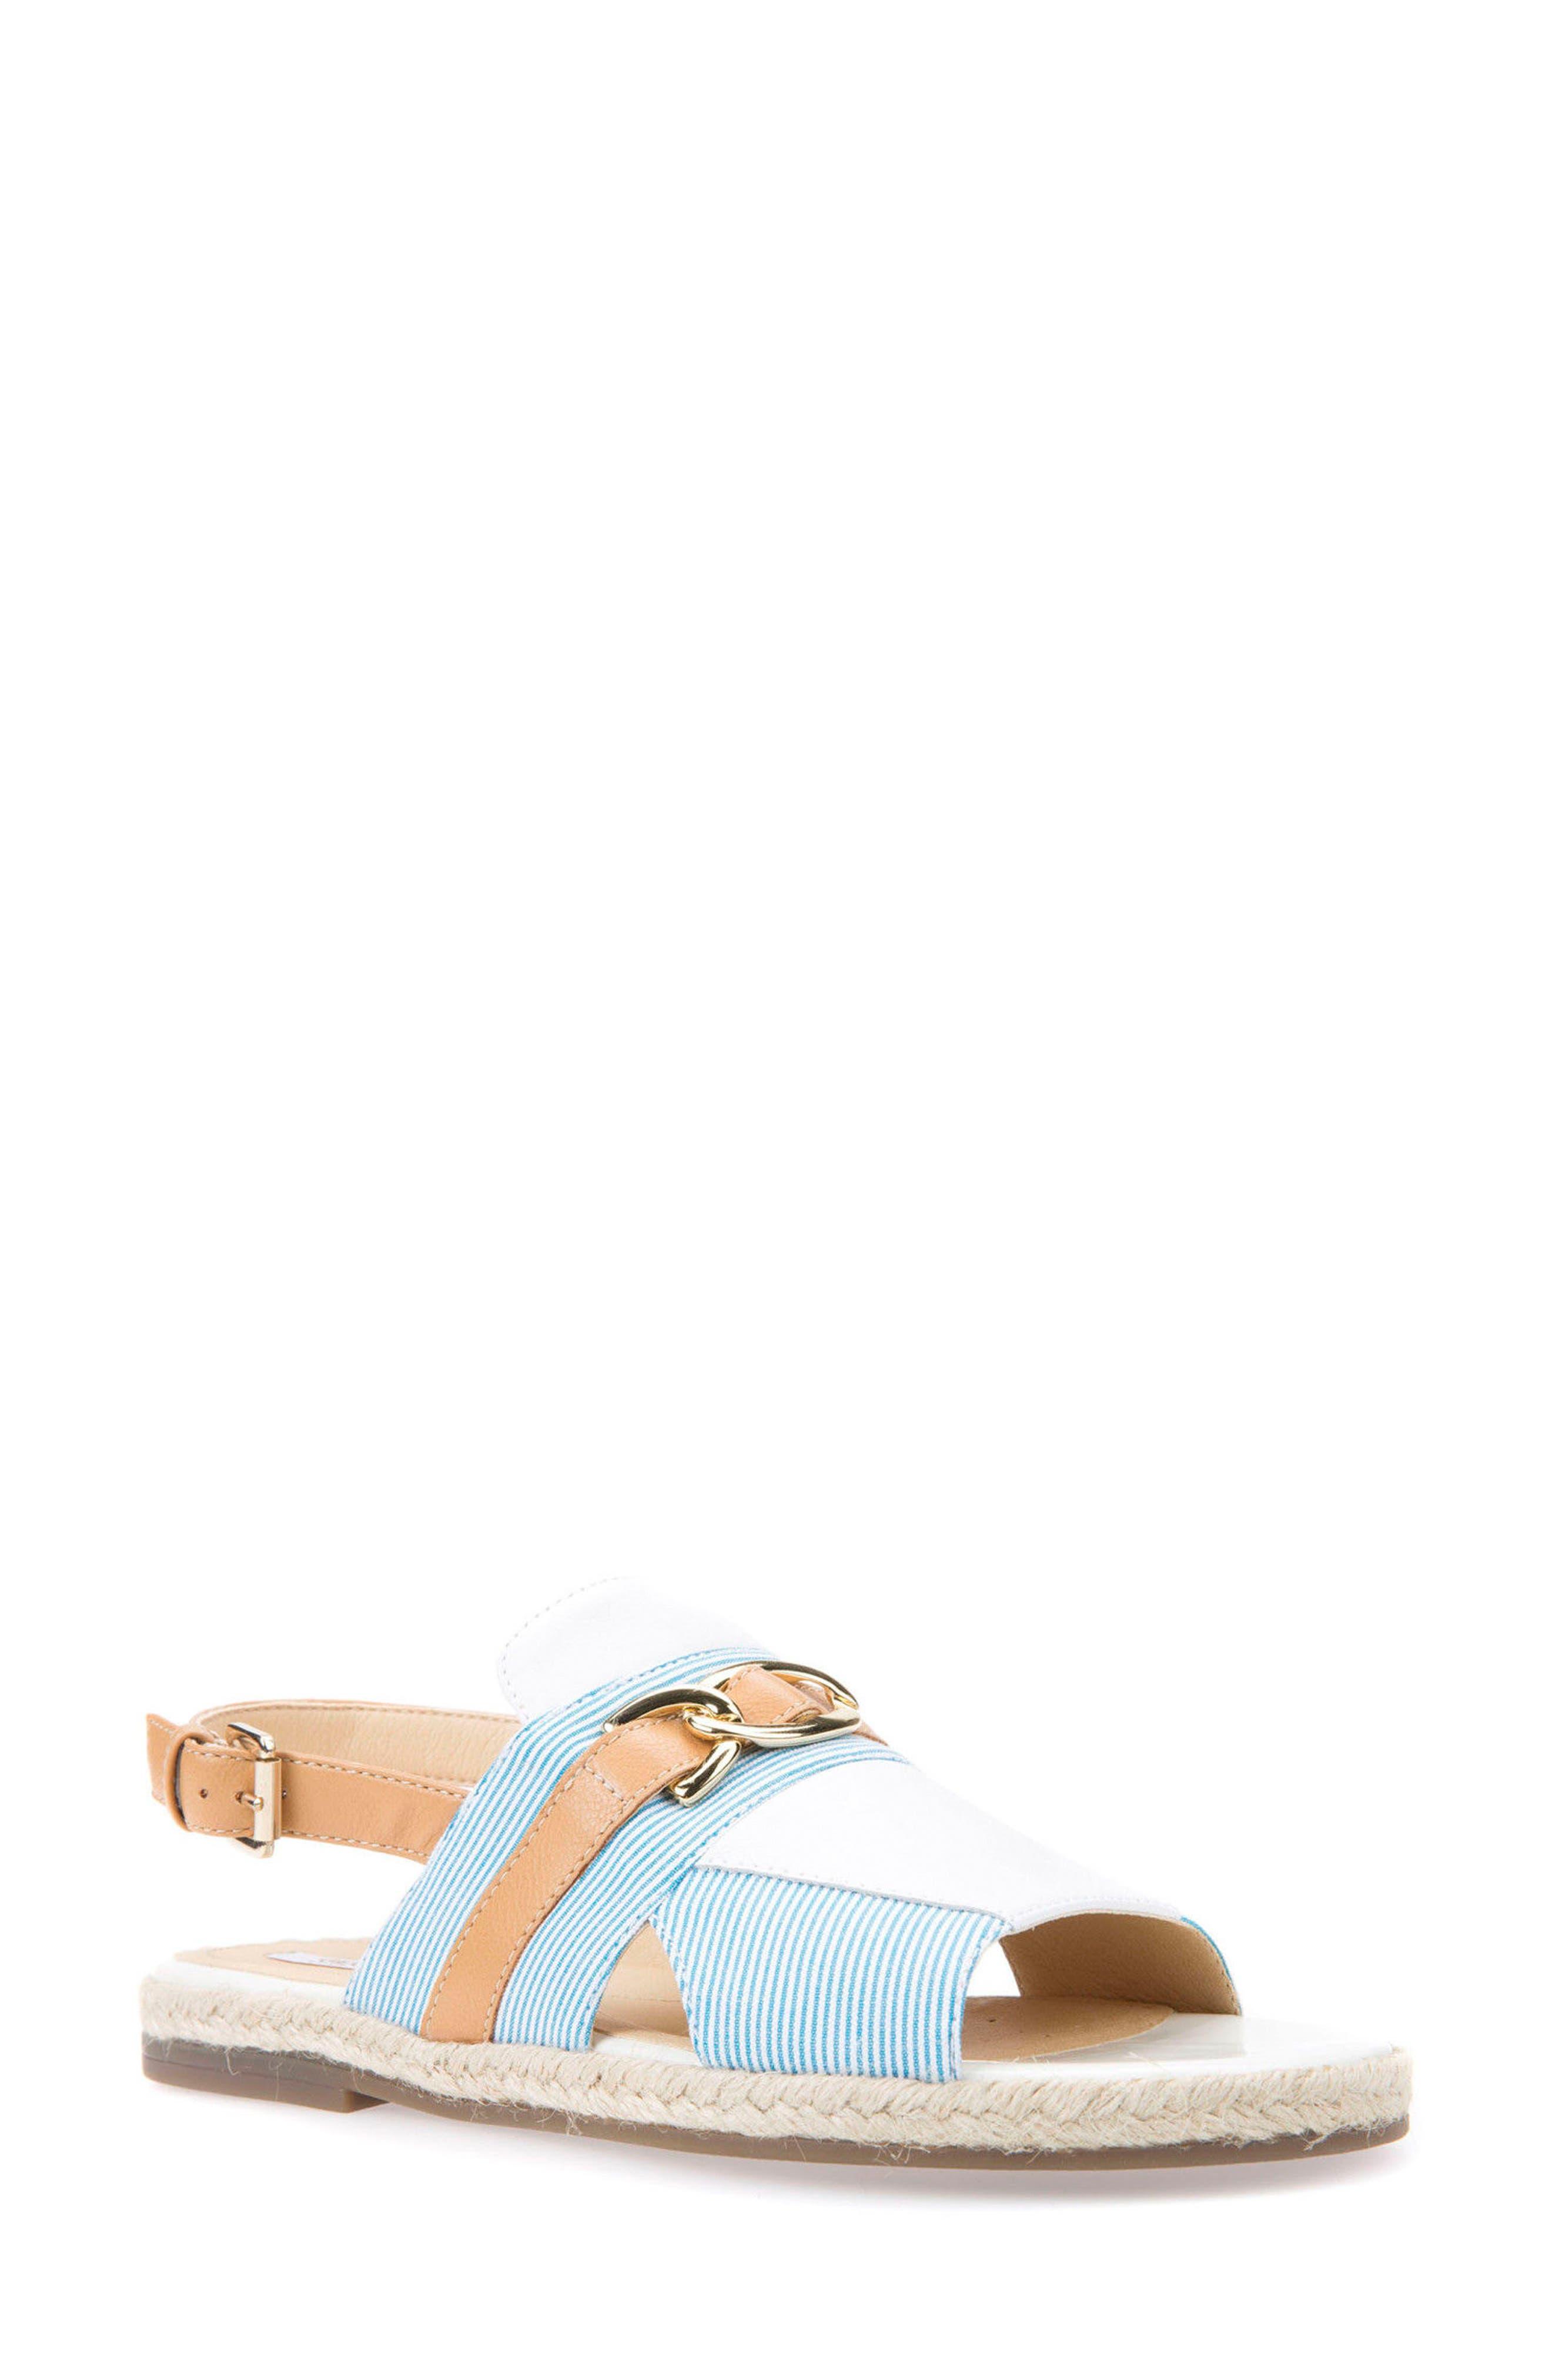 Kolleen Sandal,                         Main,                         color, Petrol/ Caramel